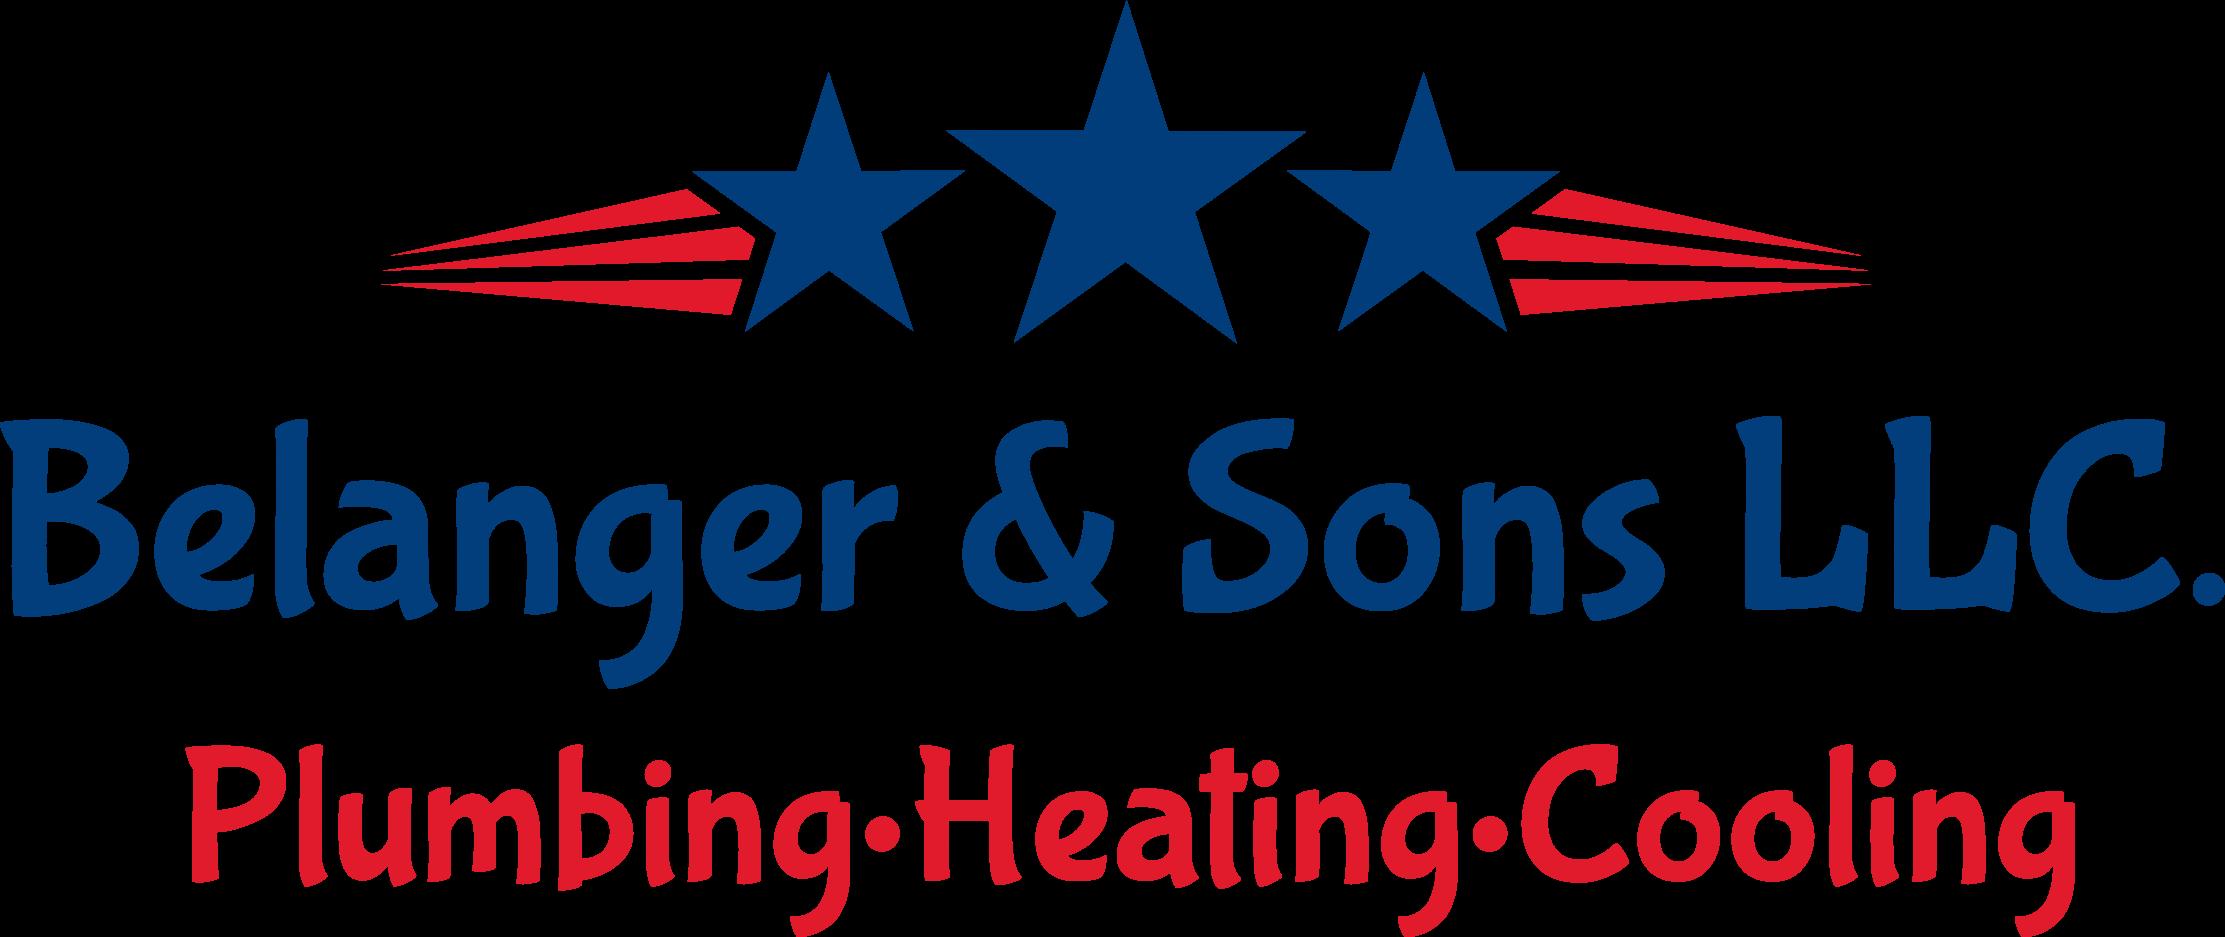 Belanger & Sons LLC image